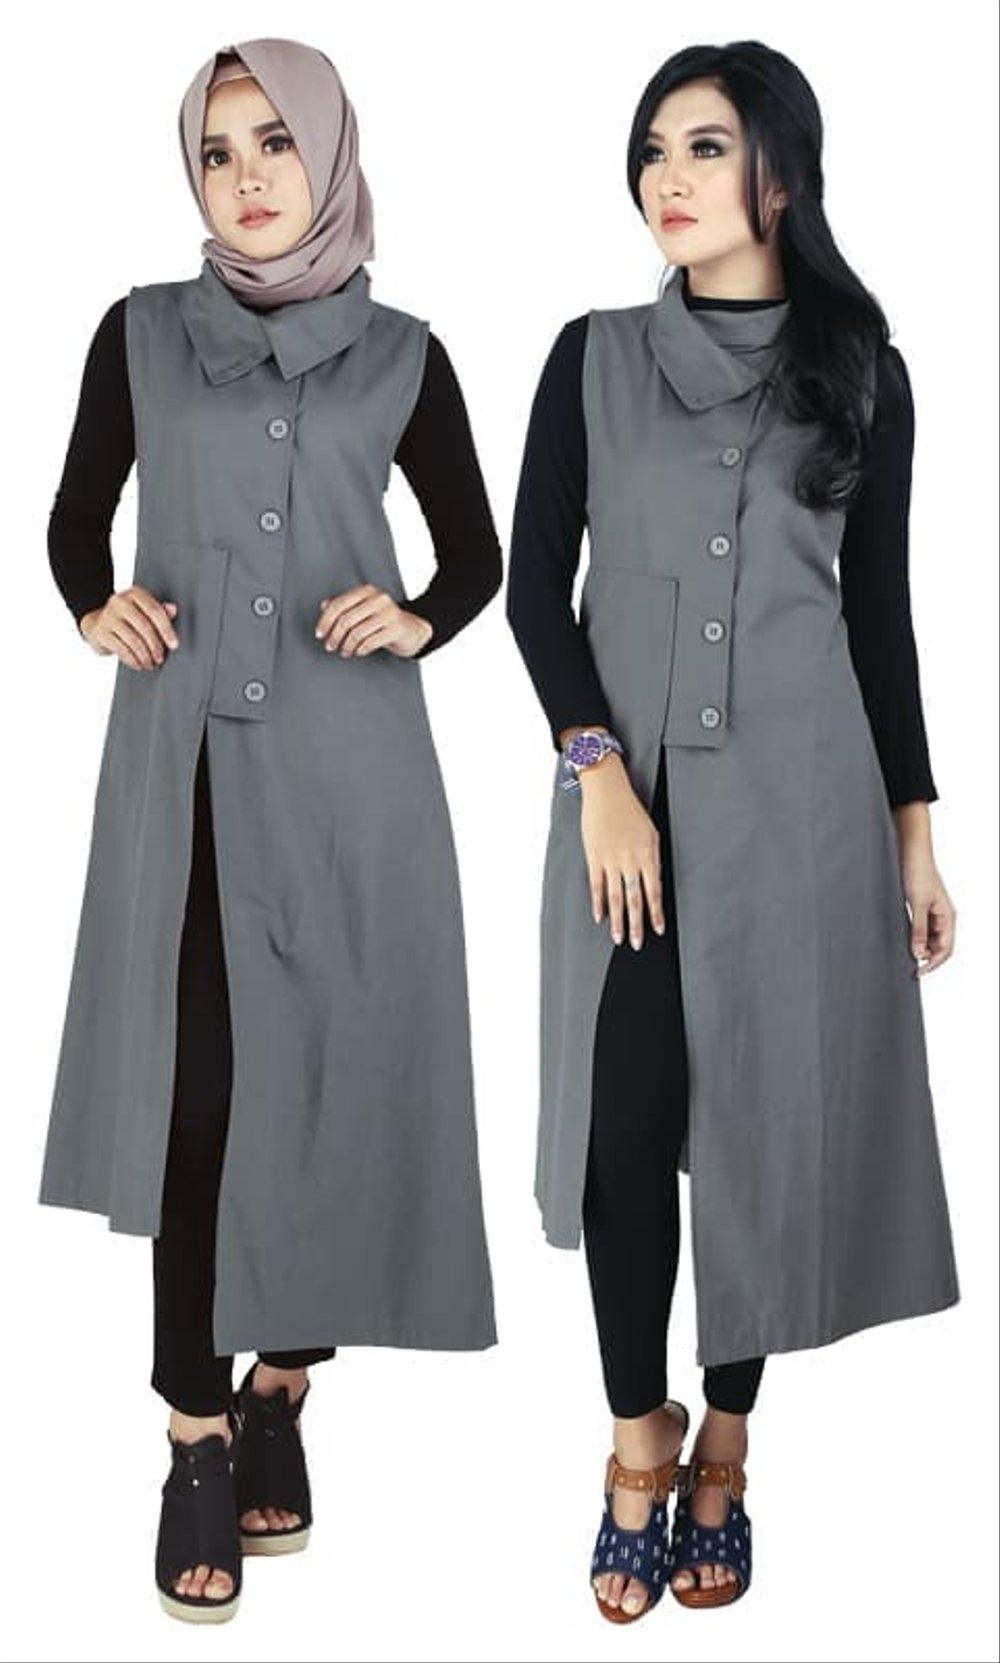 pakaian muslim wanita modern baju adat tradisional